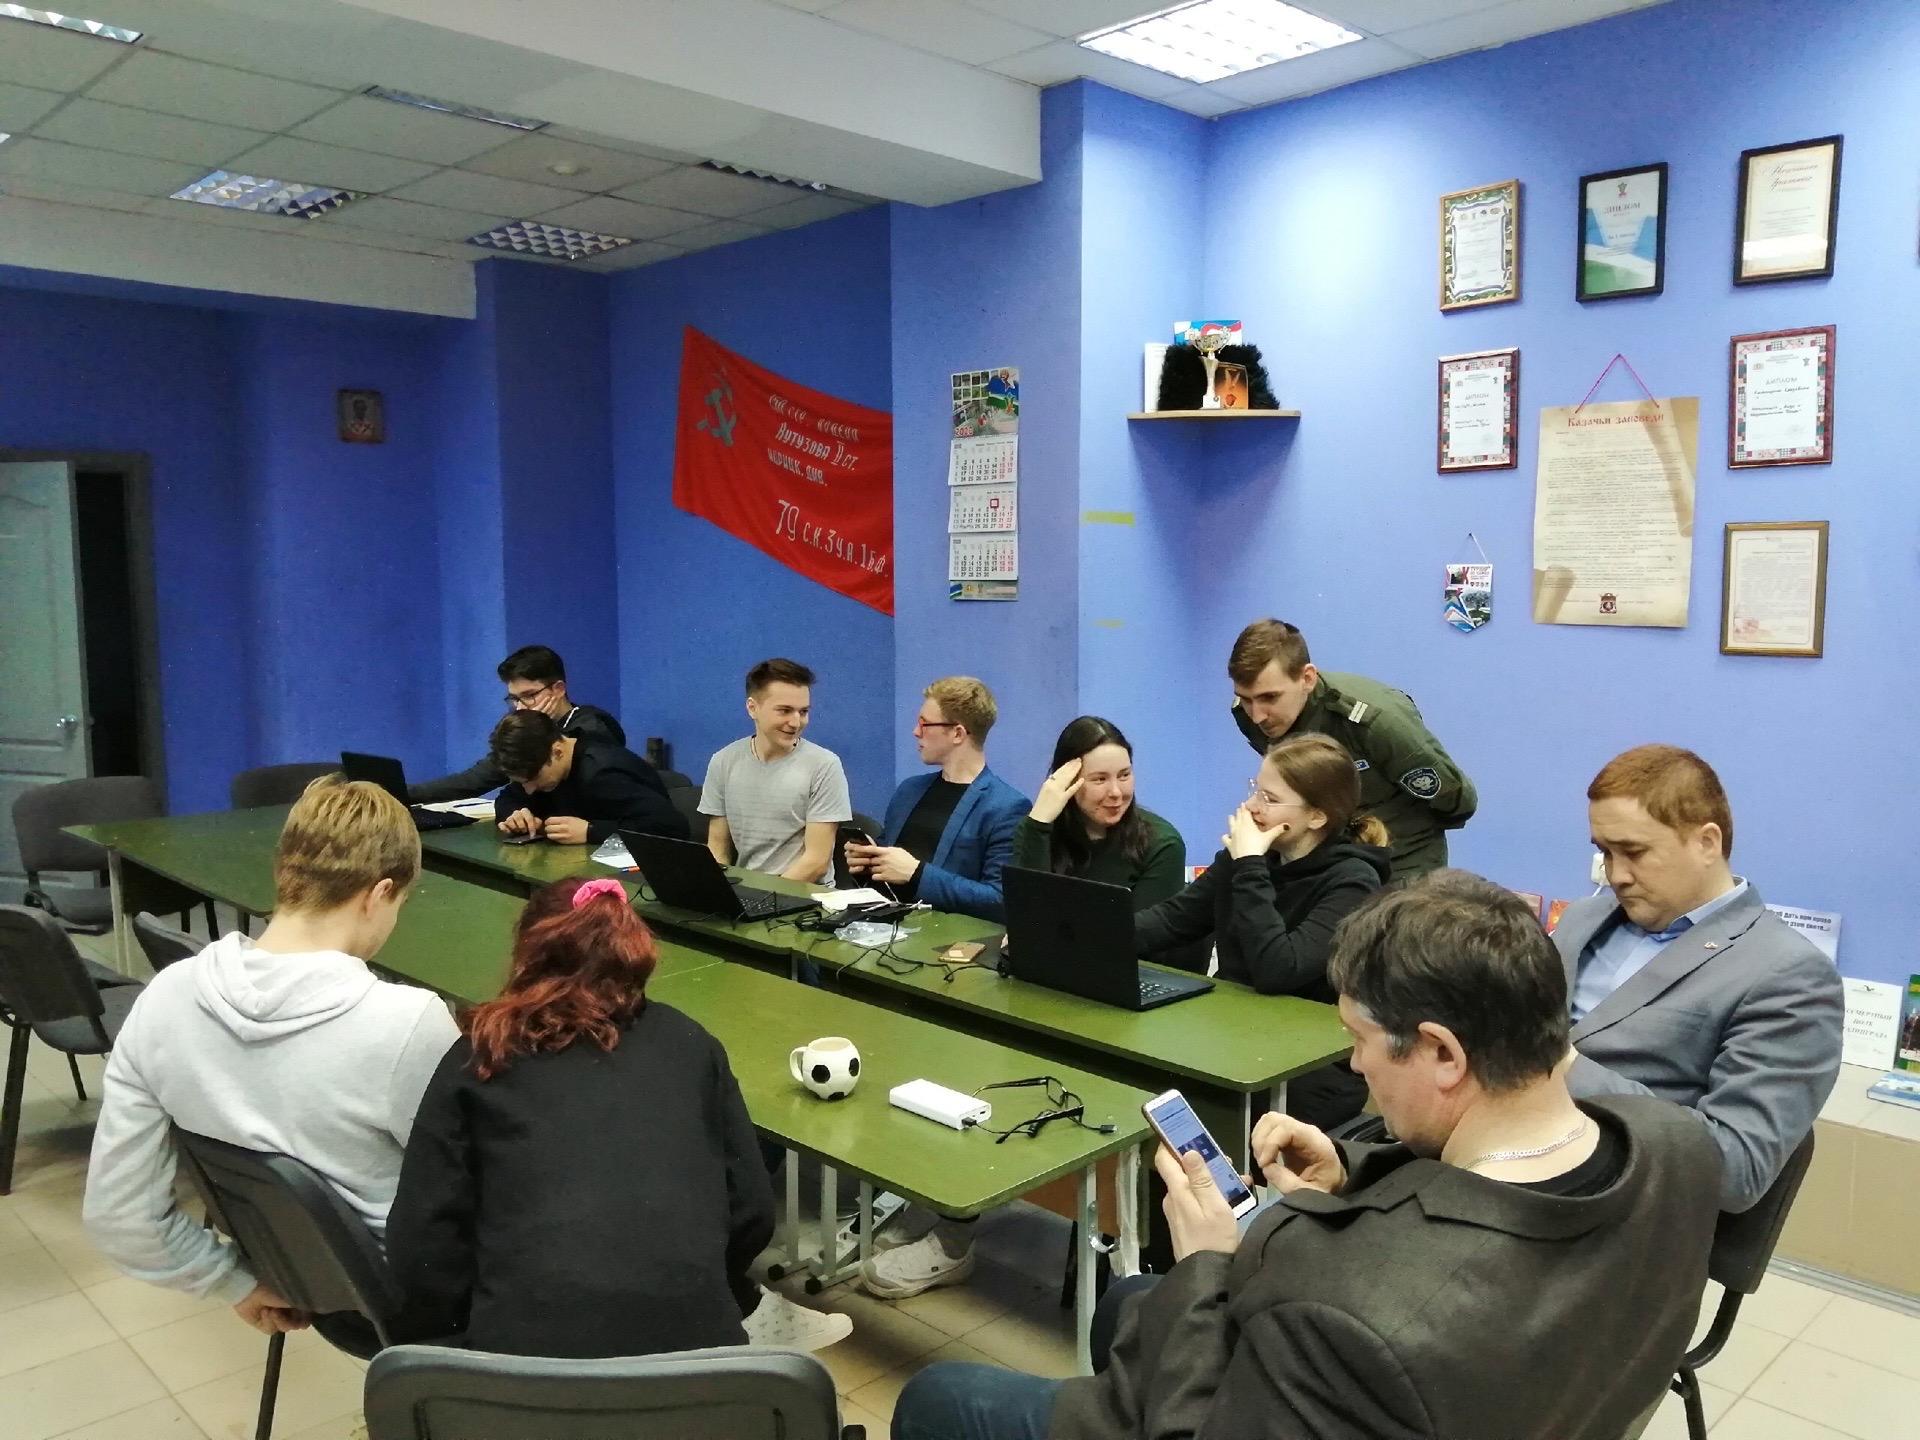 Кибердружинники в действии: казаки в худи и с ноутбуками вычисляют отъявленных сквернословов и заядлых похабников